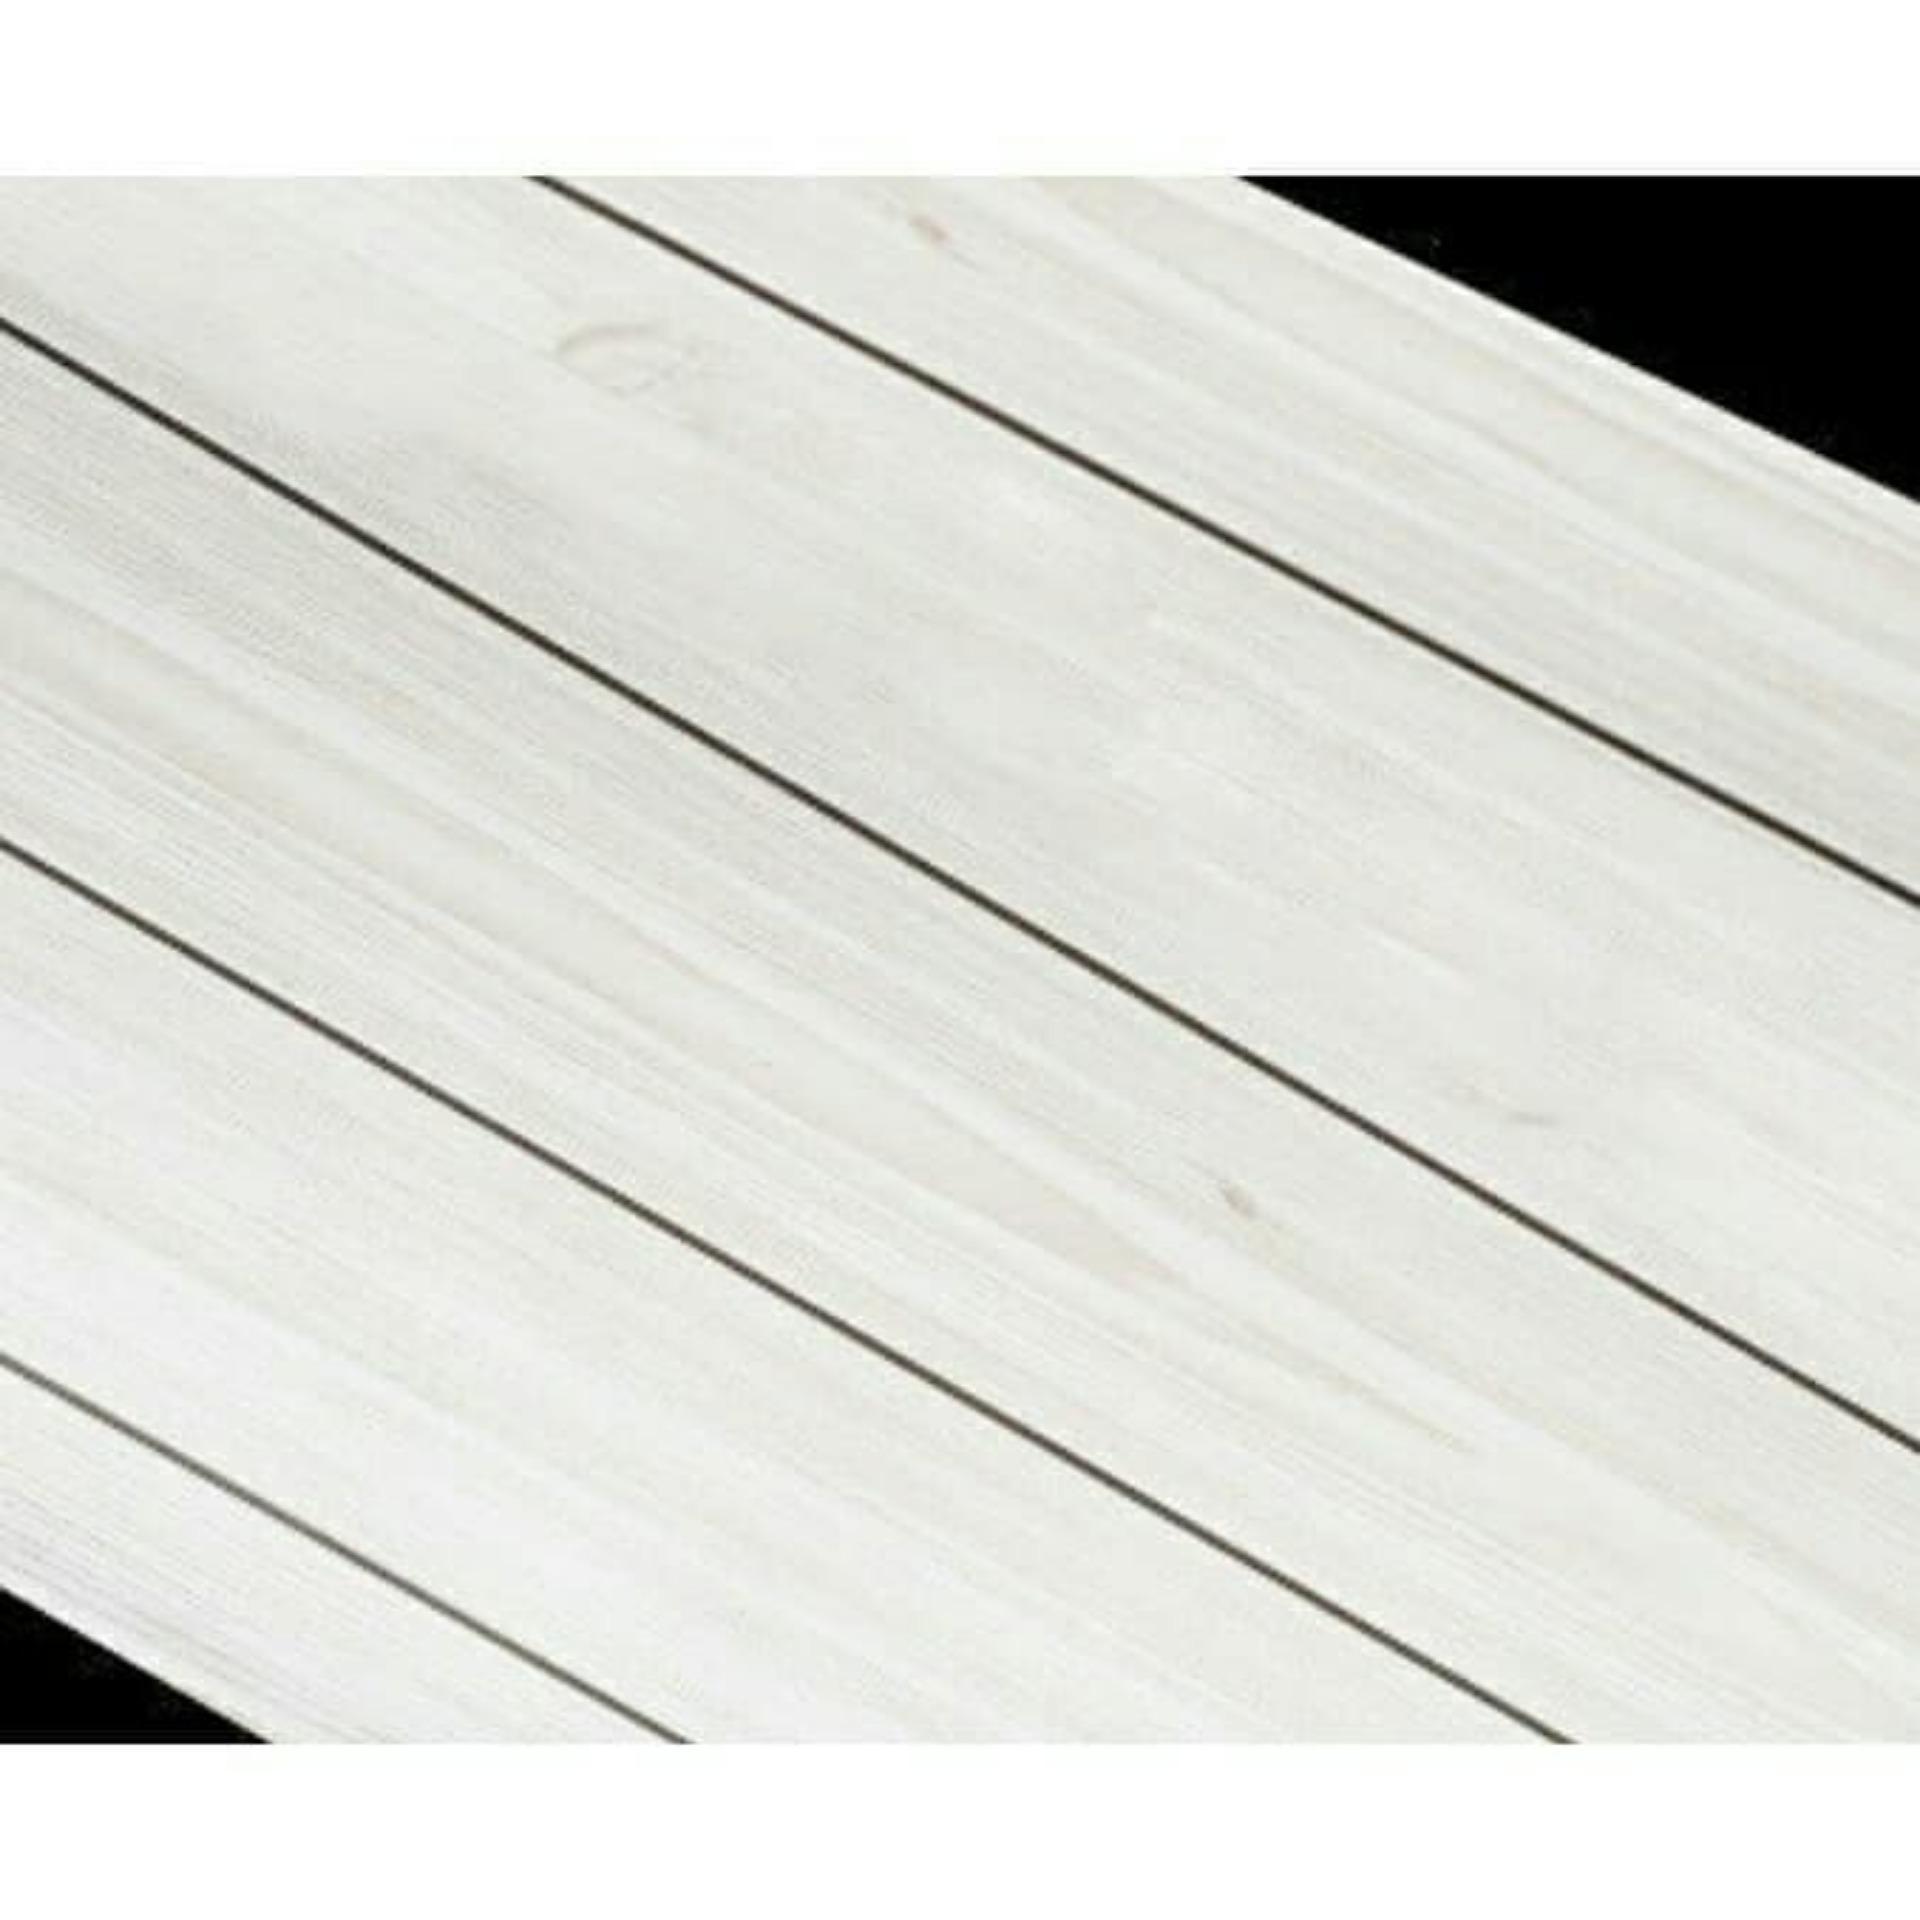 5m vuông Giấy dán tường phong cách Hàn Quốc khổ rộng 45cm Ván vân xám nhạt